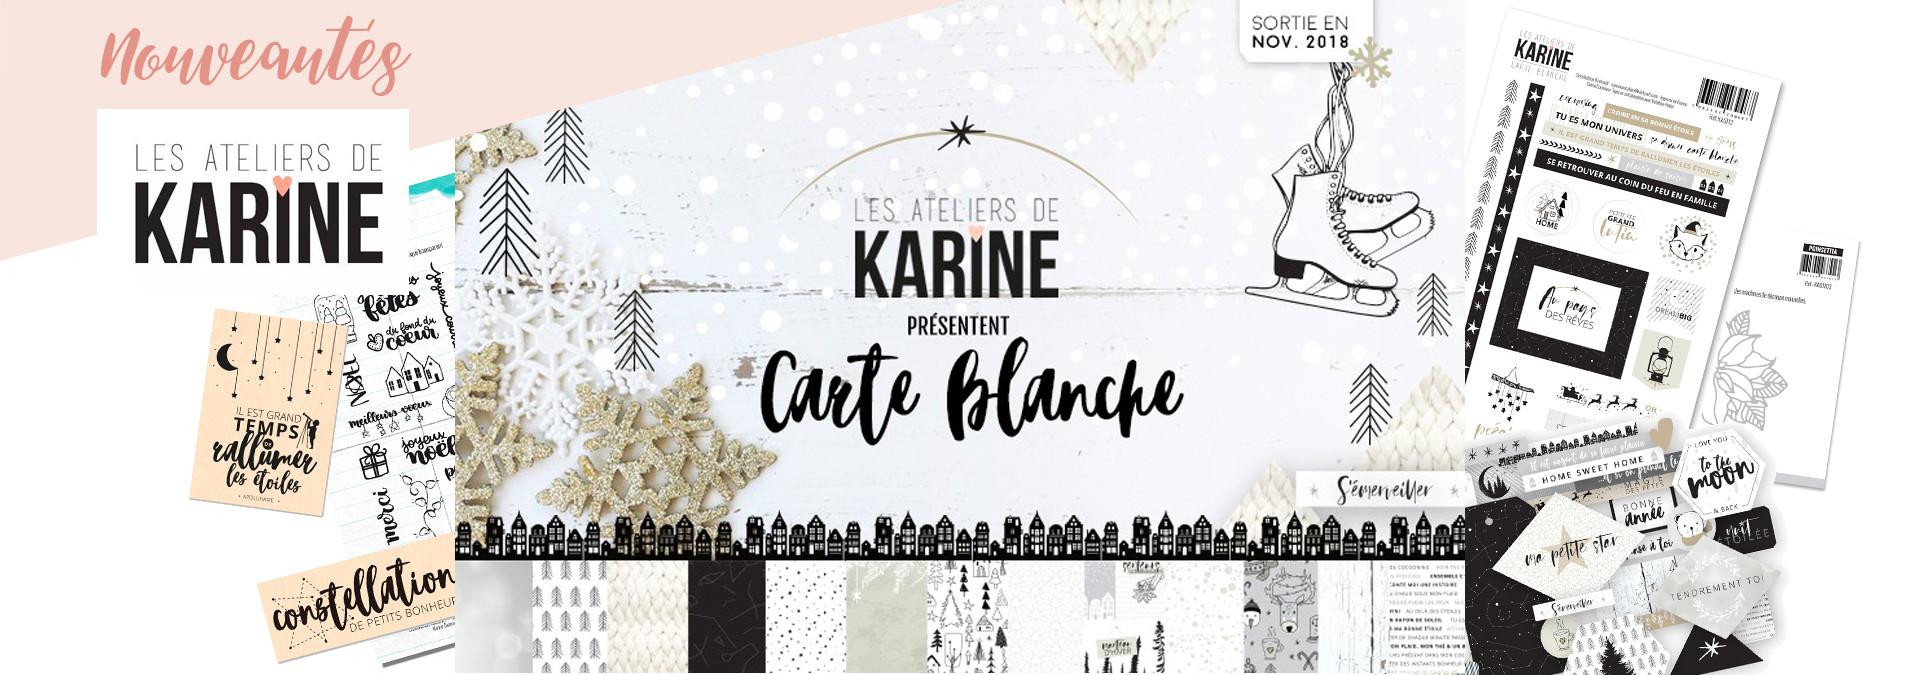 Les ateliers de Karine - Carte blanche